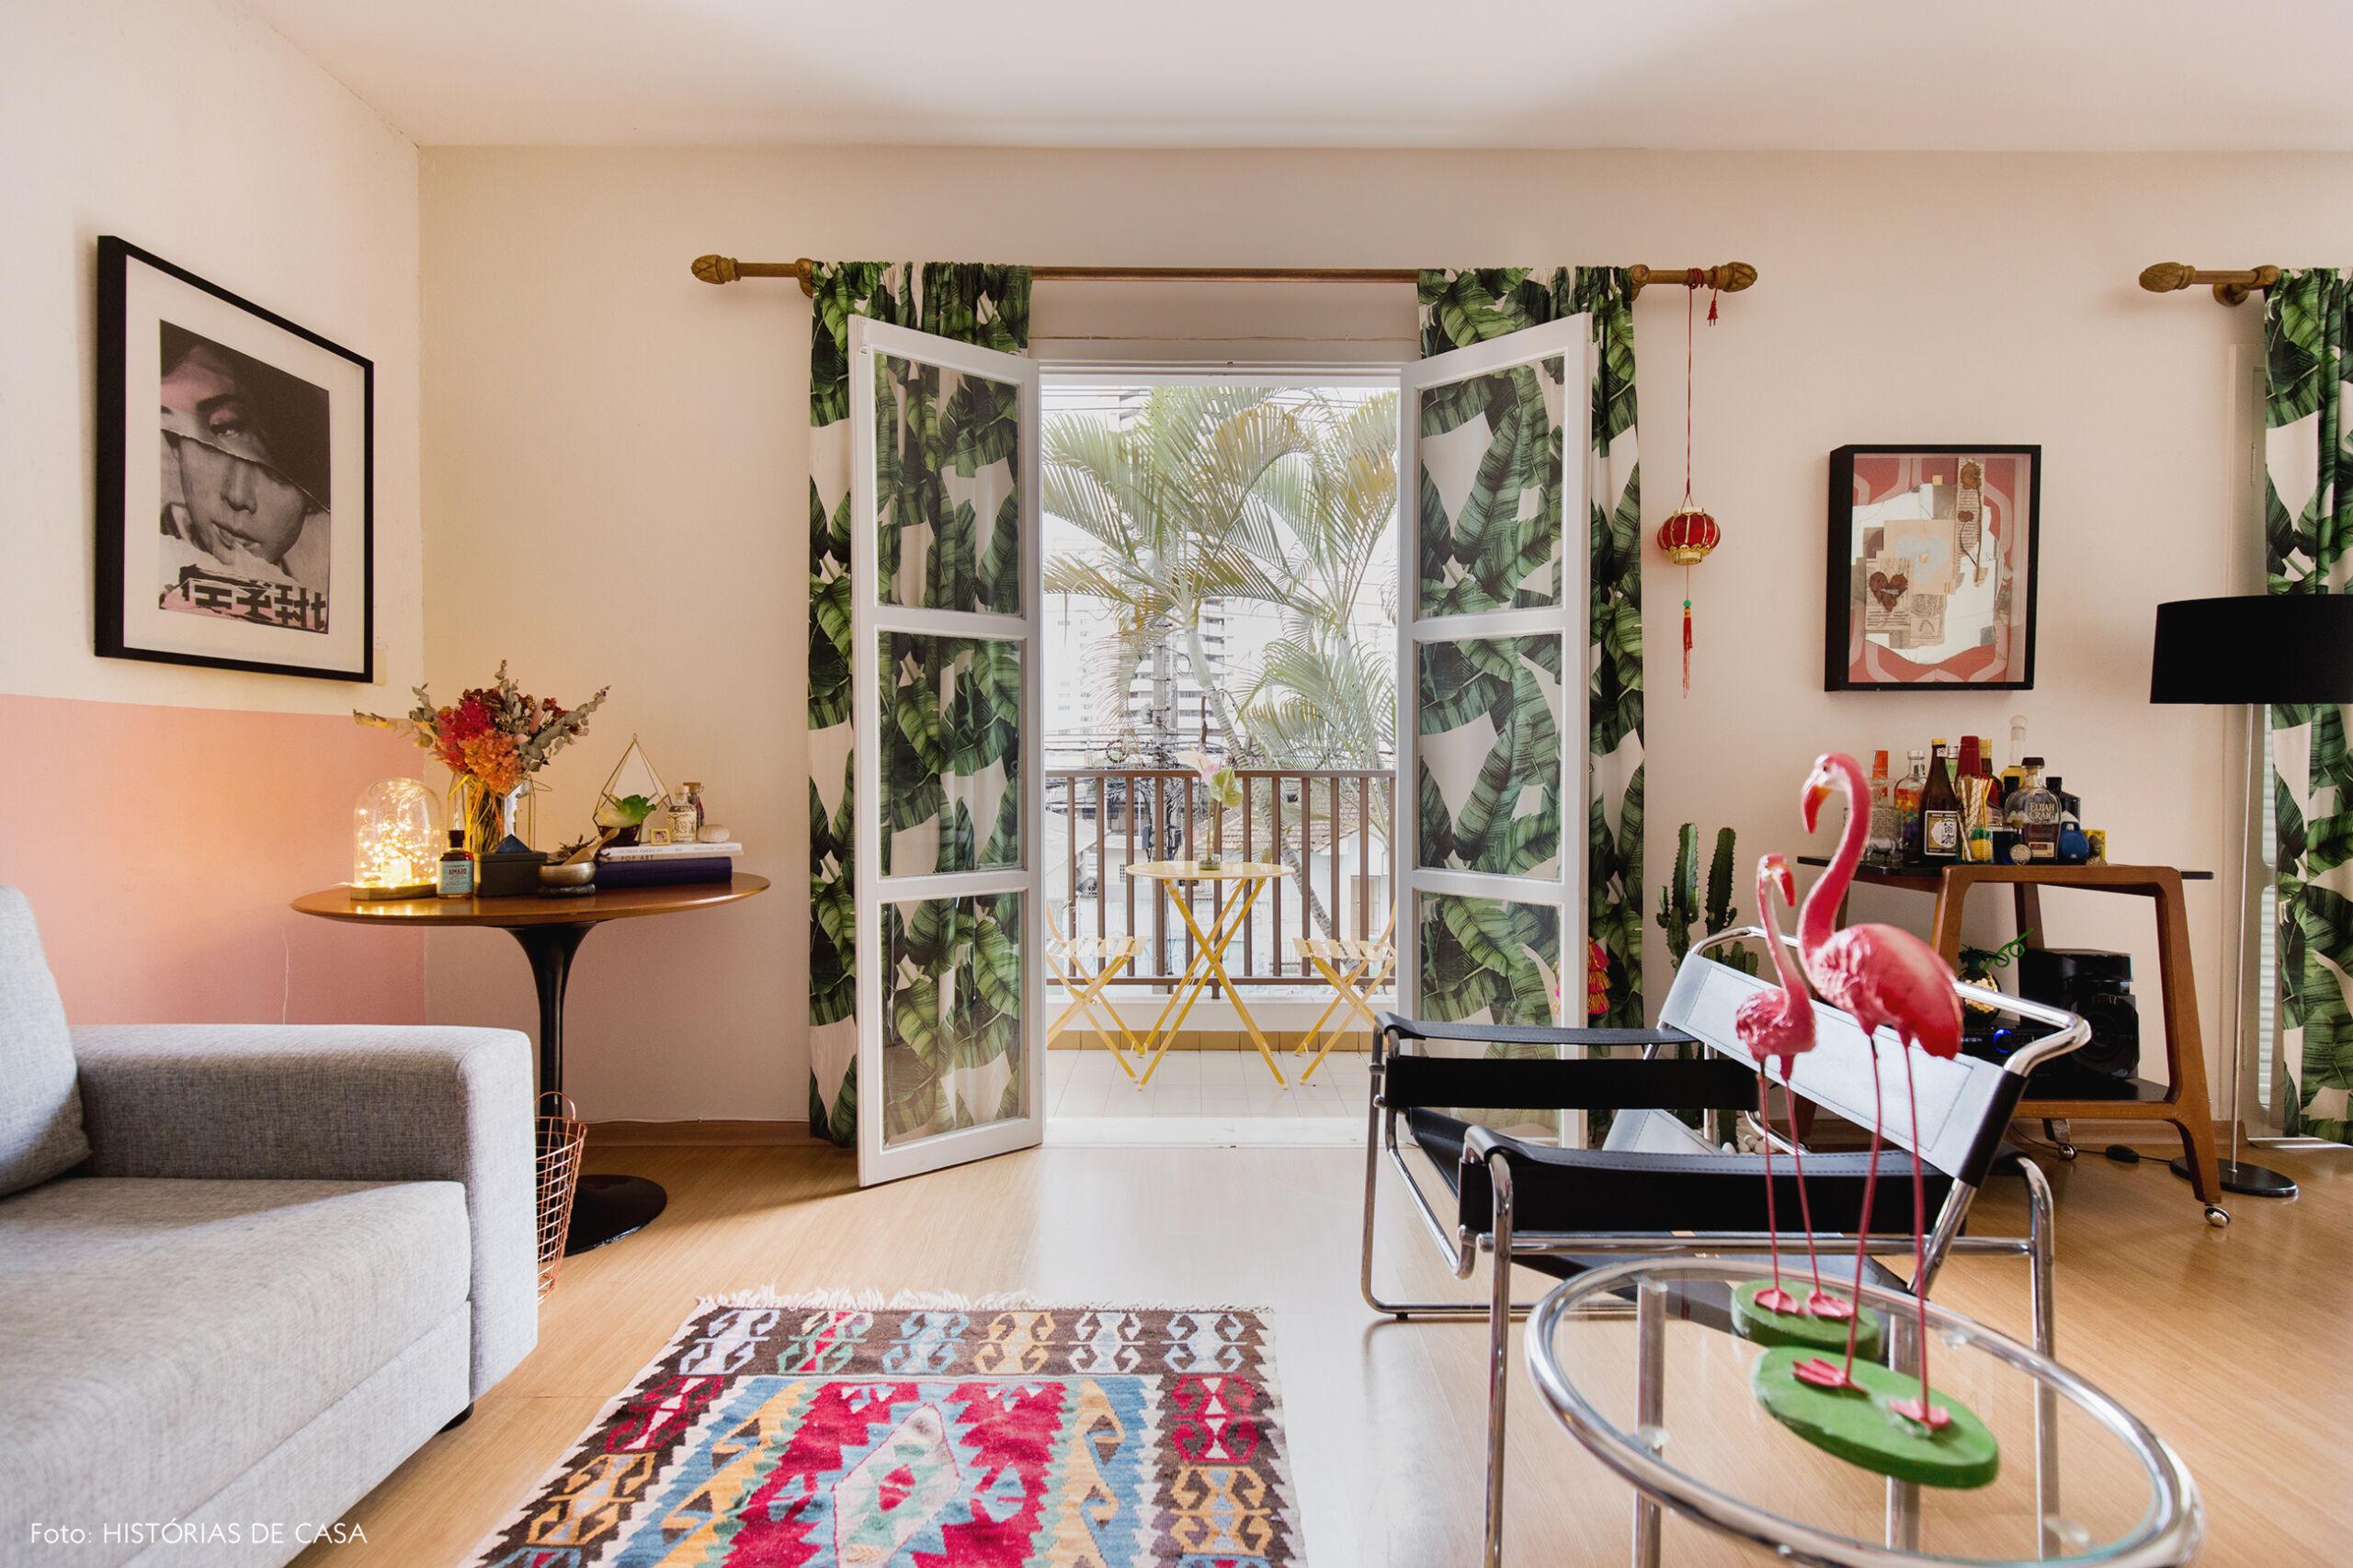 Sala de apartamento com cortinas estampadas com folhagens